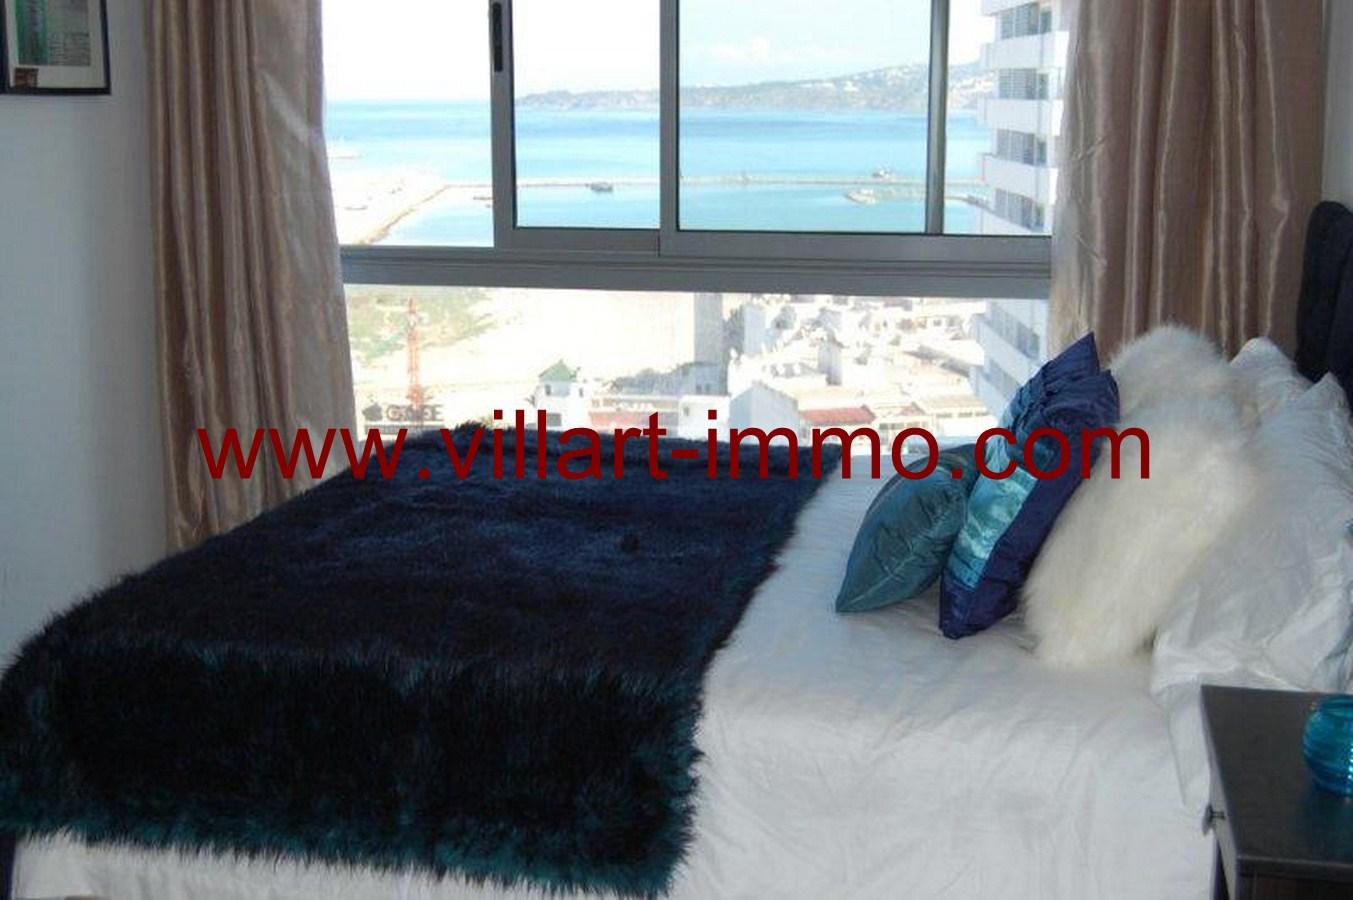 4-Appart-Meublé-chambre-Tanger-Agence immobilière-Villartimmo